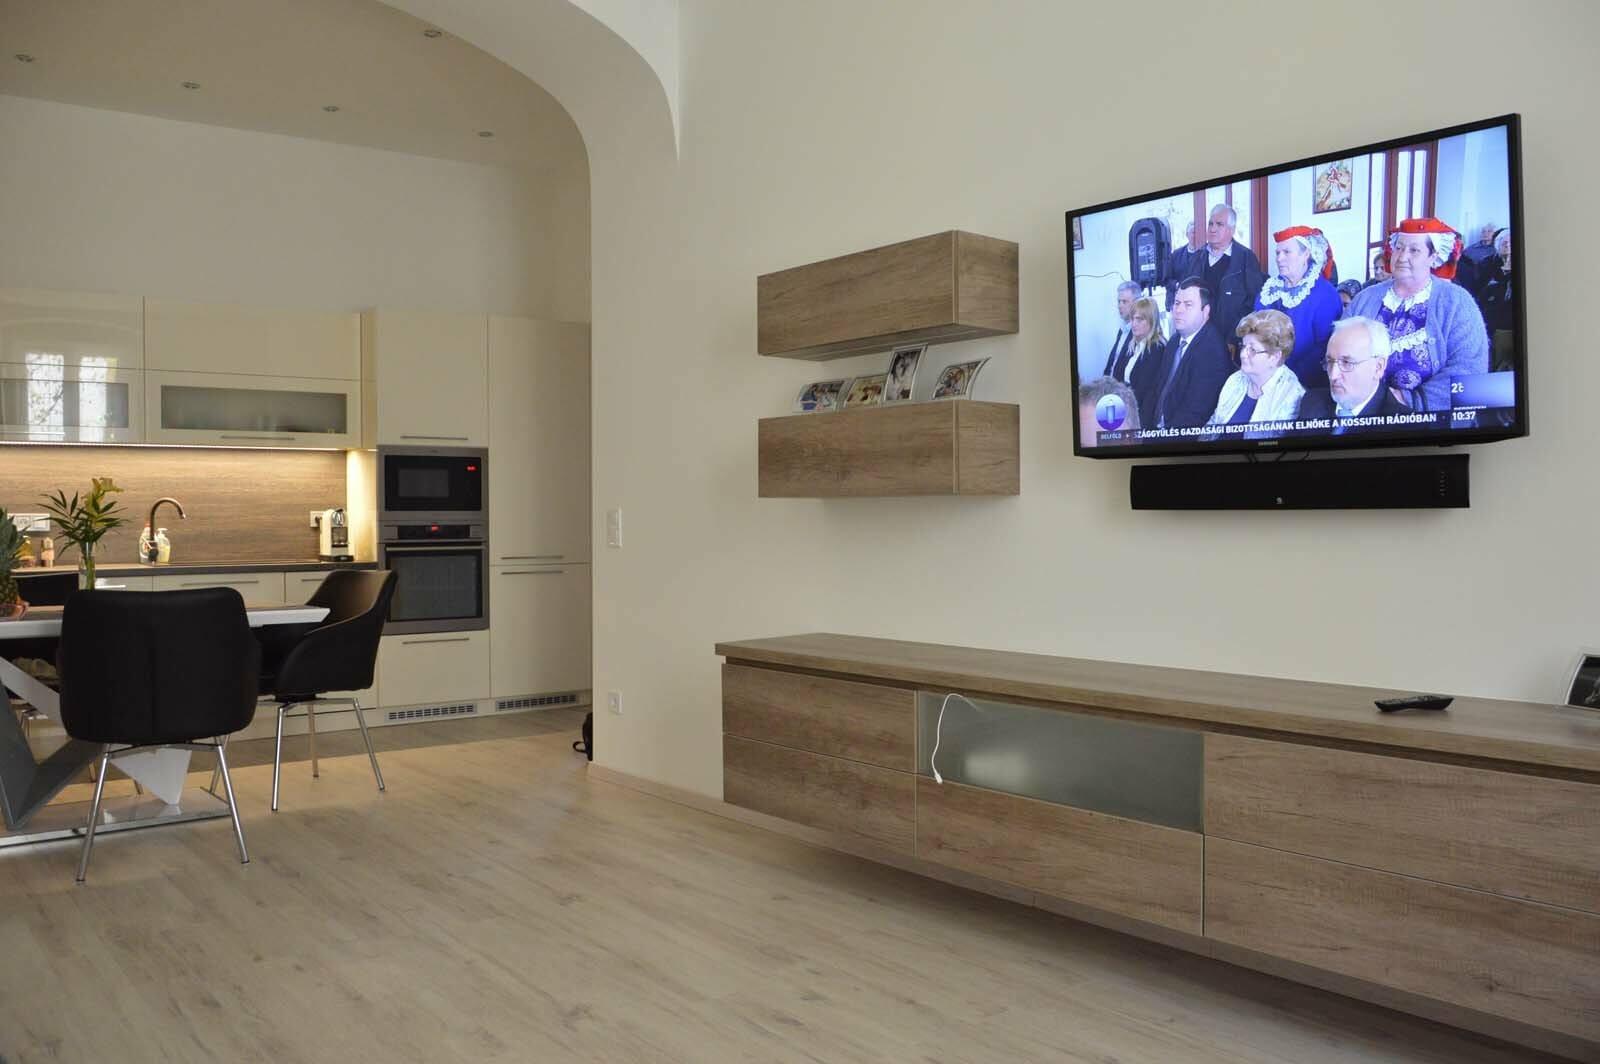 Egyedi konyhabútor készítés egyenes falra rejtett led világitással a felső elemek aljába blum aventos hf felnyíló vasalattal egy légtérbe a nappali bútorral